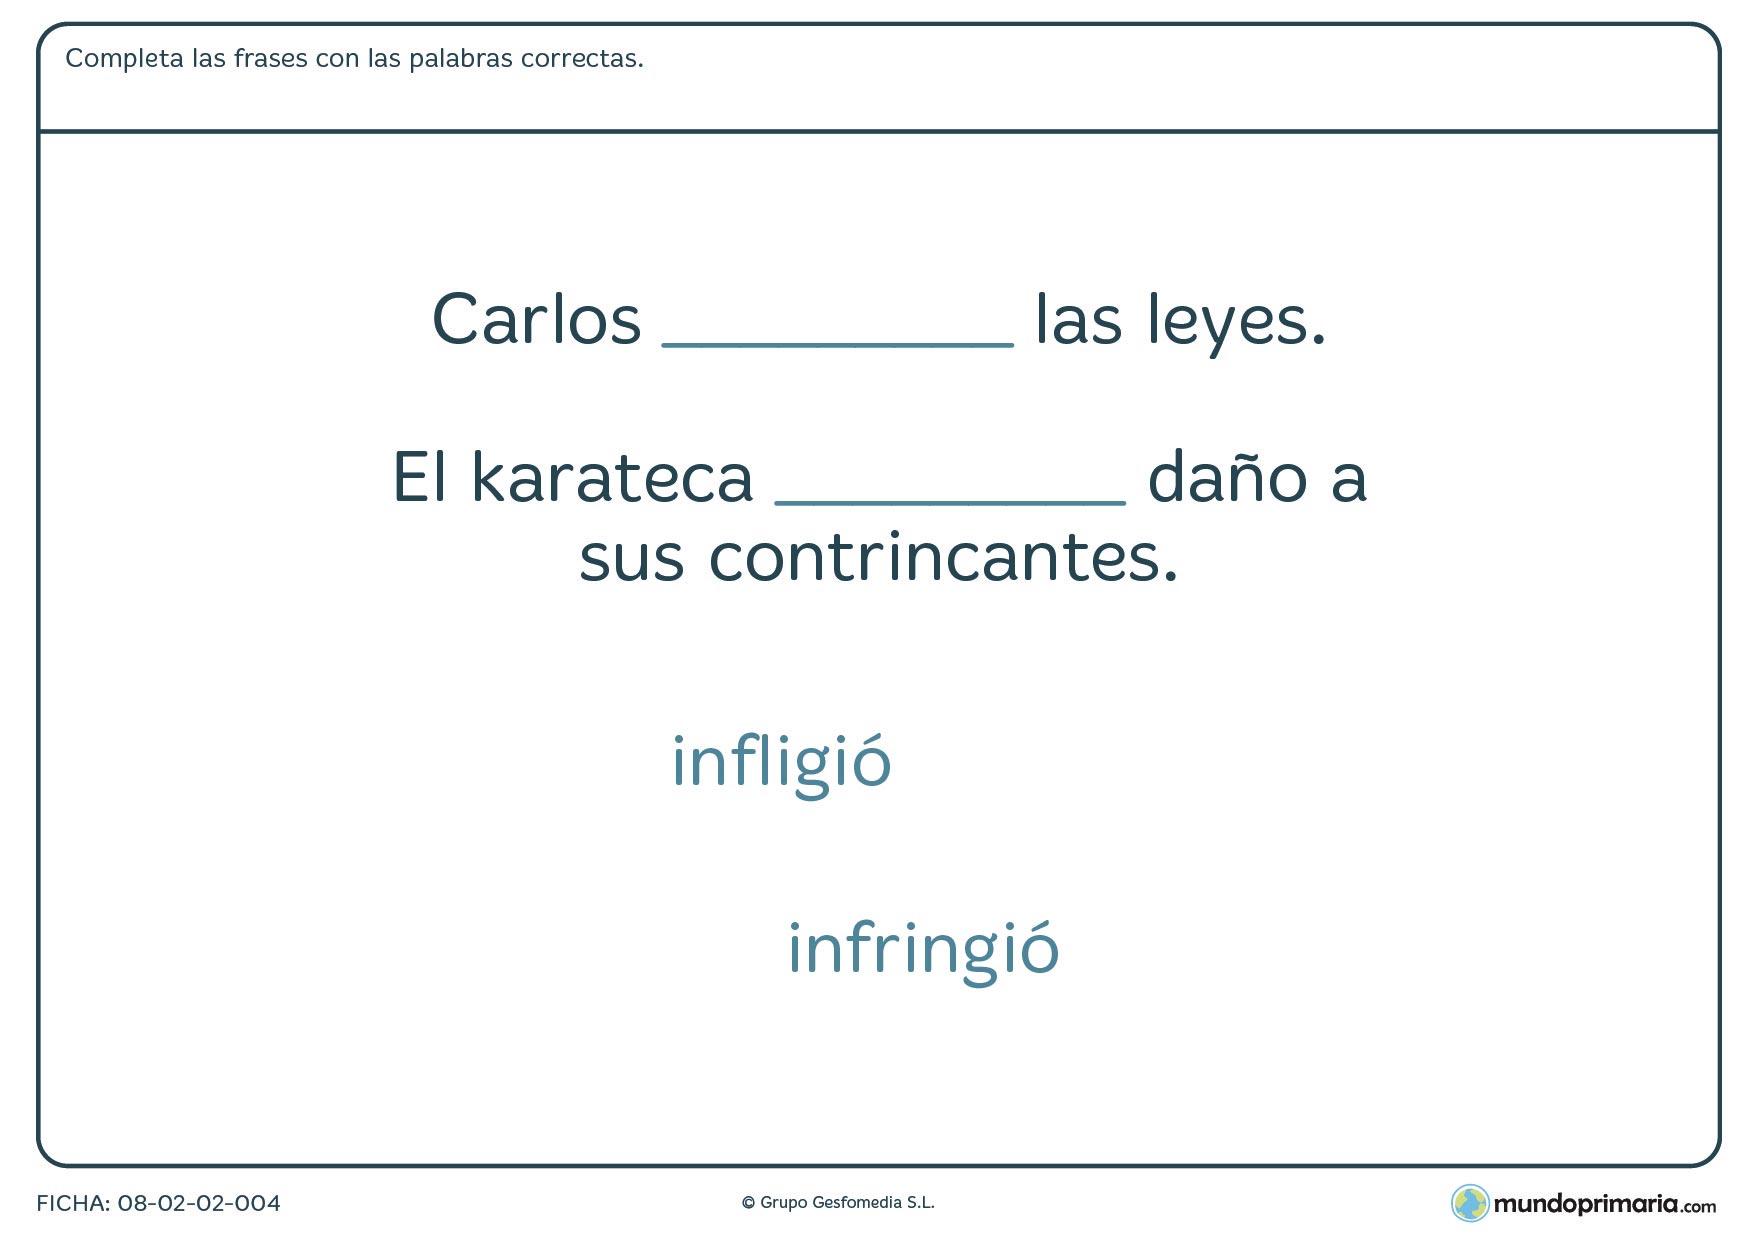 Ficha sobre confusión de palabras para niños de 6º de Primaria